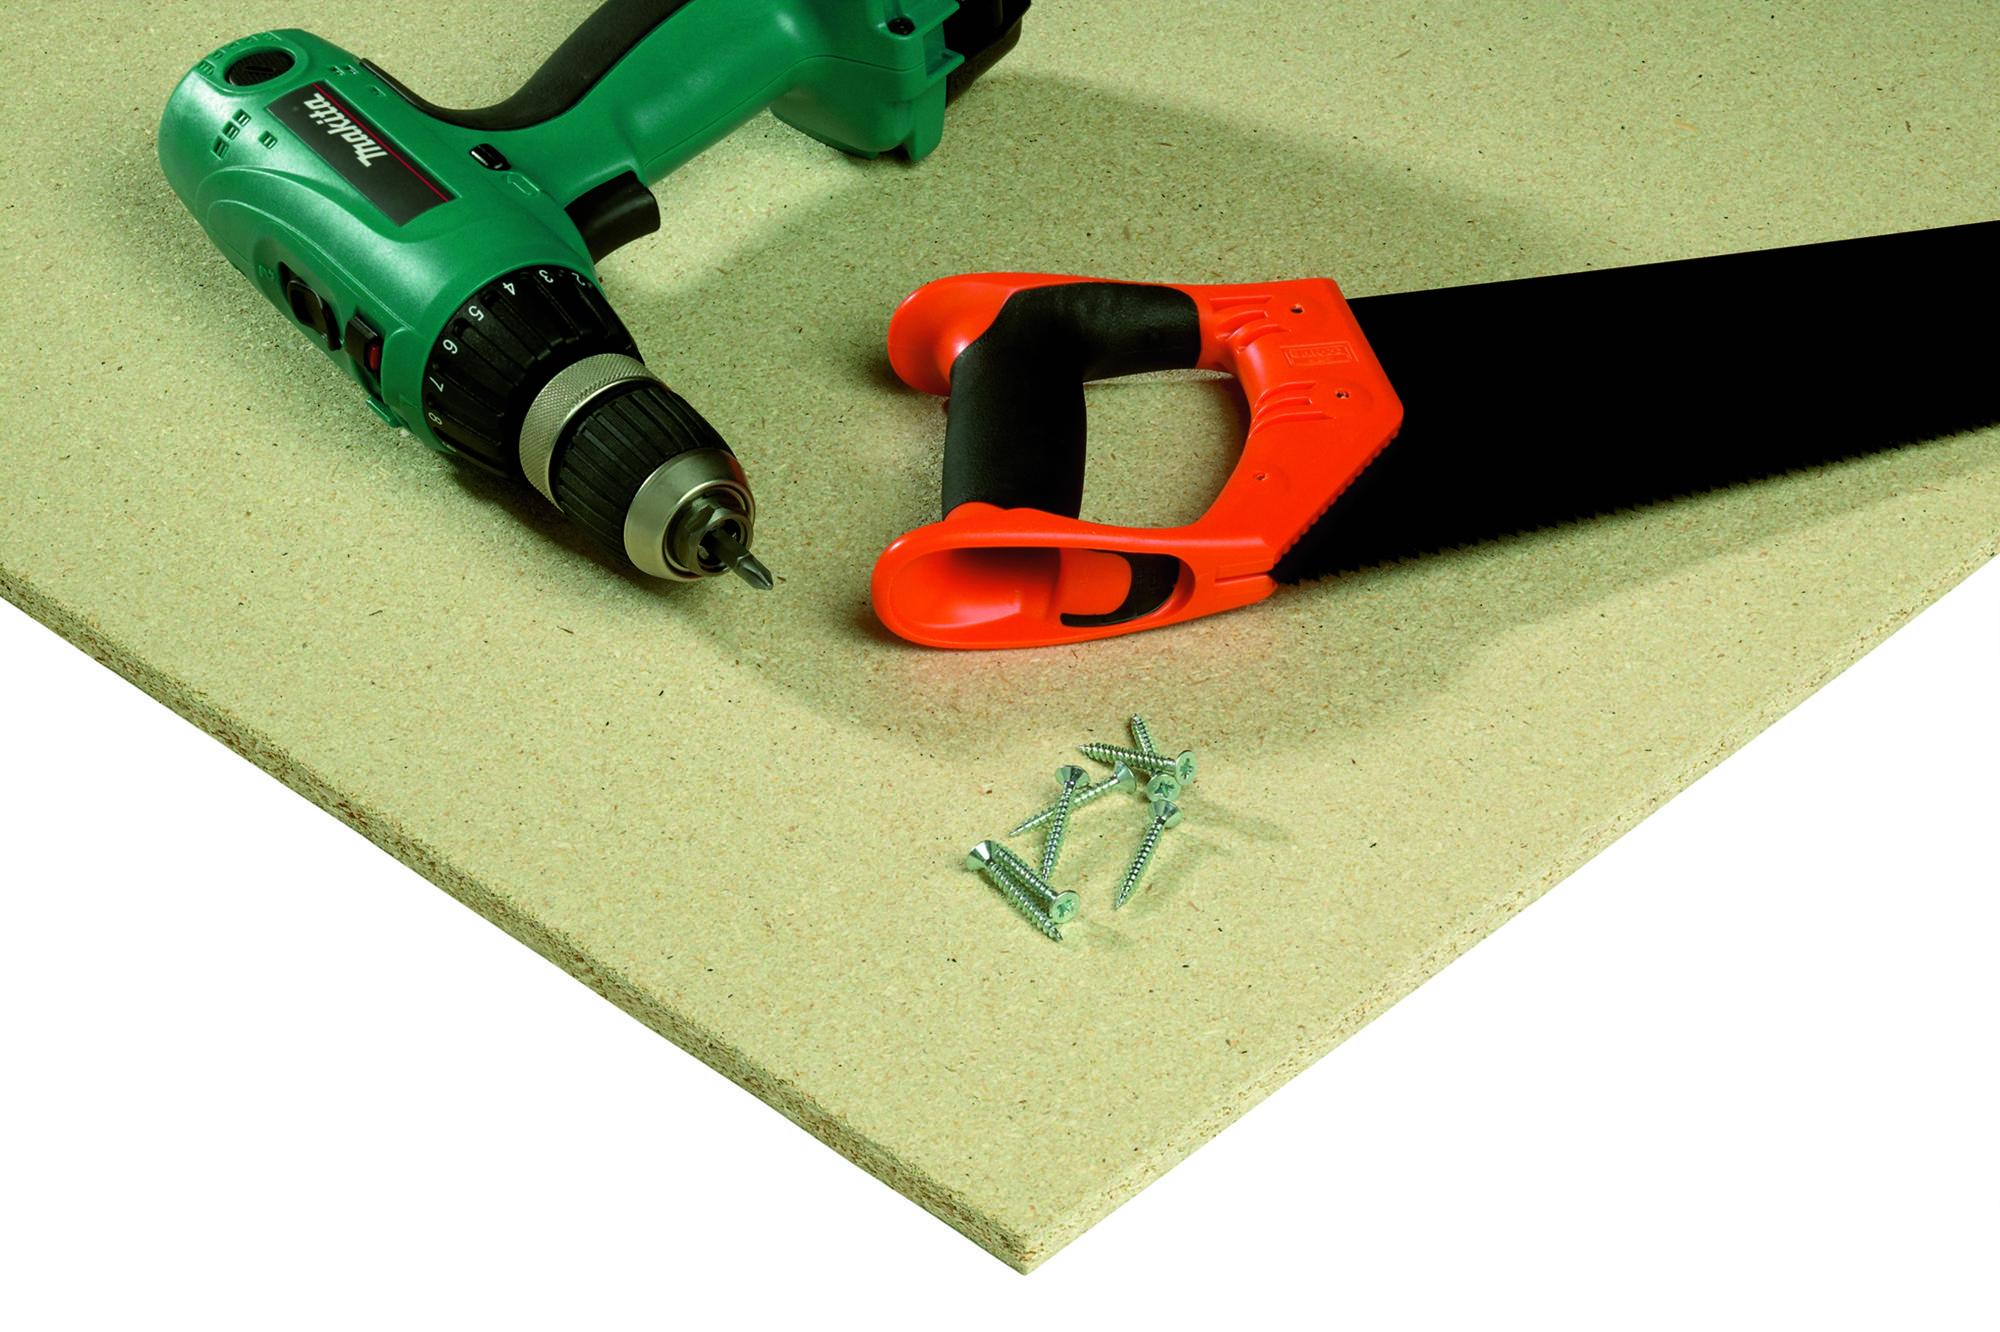 KoskiWall pinnoittamaton pohjamaalattu lastulevy seinärakenteisiin, sisäkatteisiin, vesikatteen aluslevy.